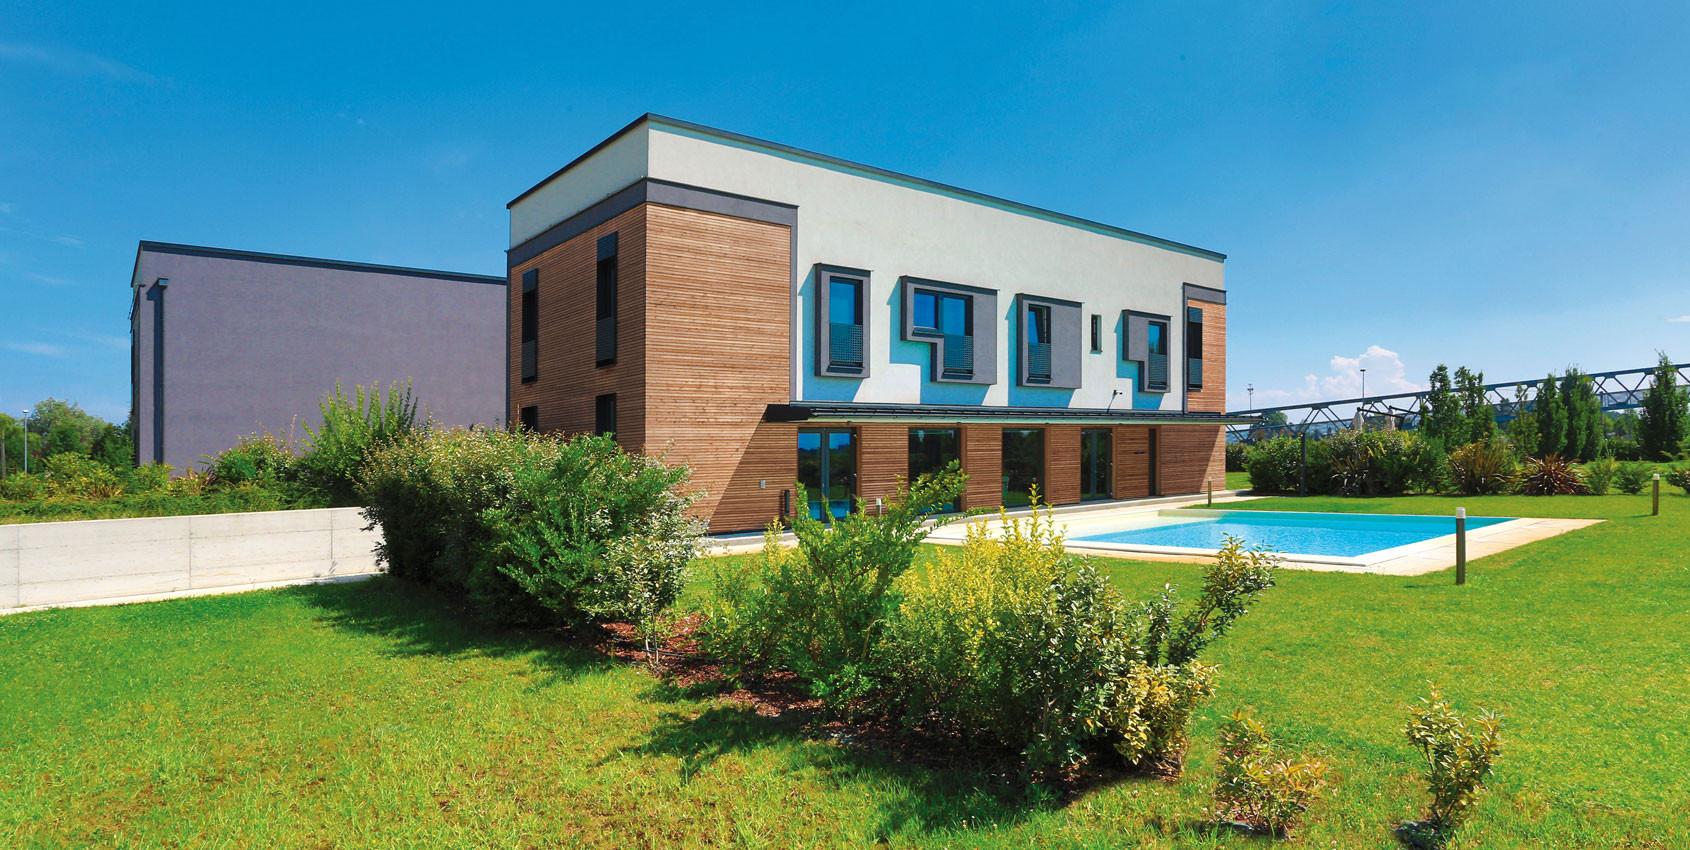 Wolf Haus Reggio Emilia uffici prefabbricati in legno | wolfhaus webranking correggio